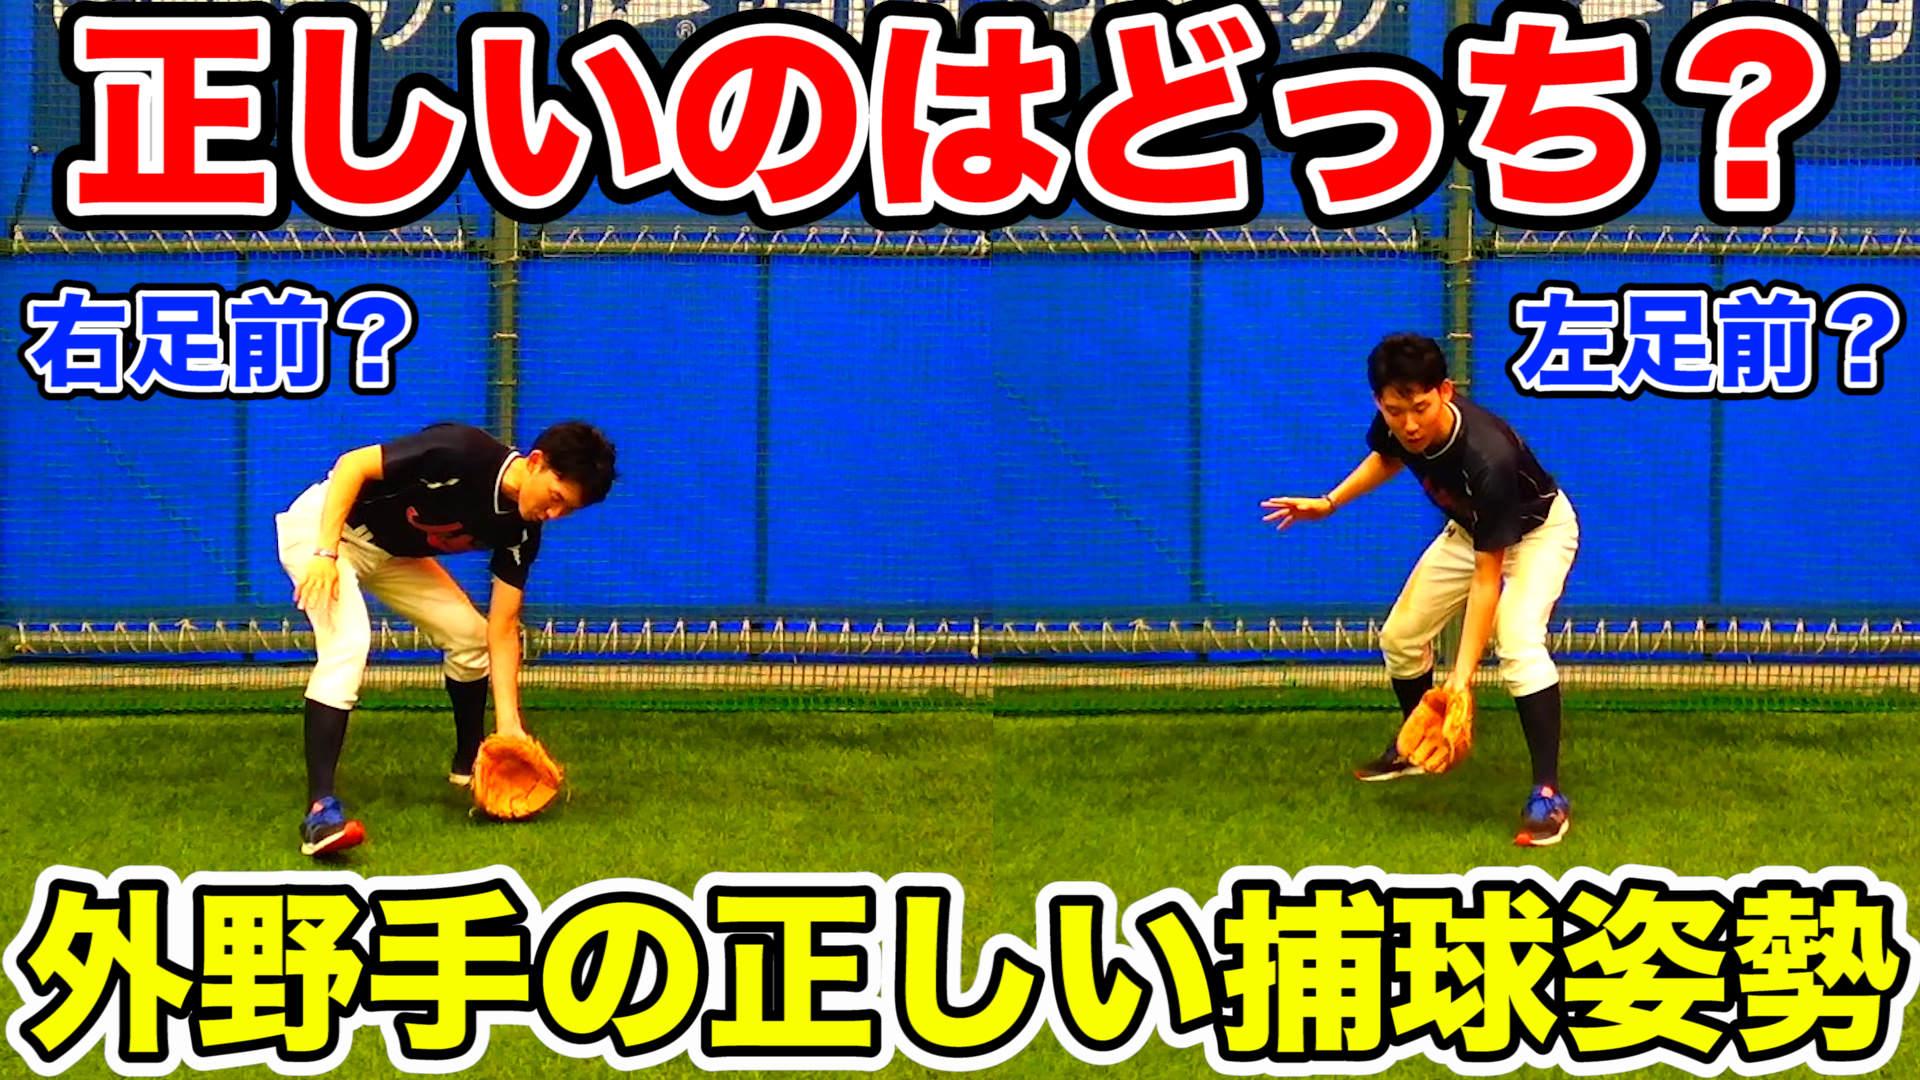 外野守備はどっちの足が前で捕る?ゴロ捕球の基本と練習方法を解説!のサムネイル